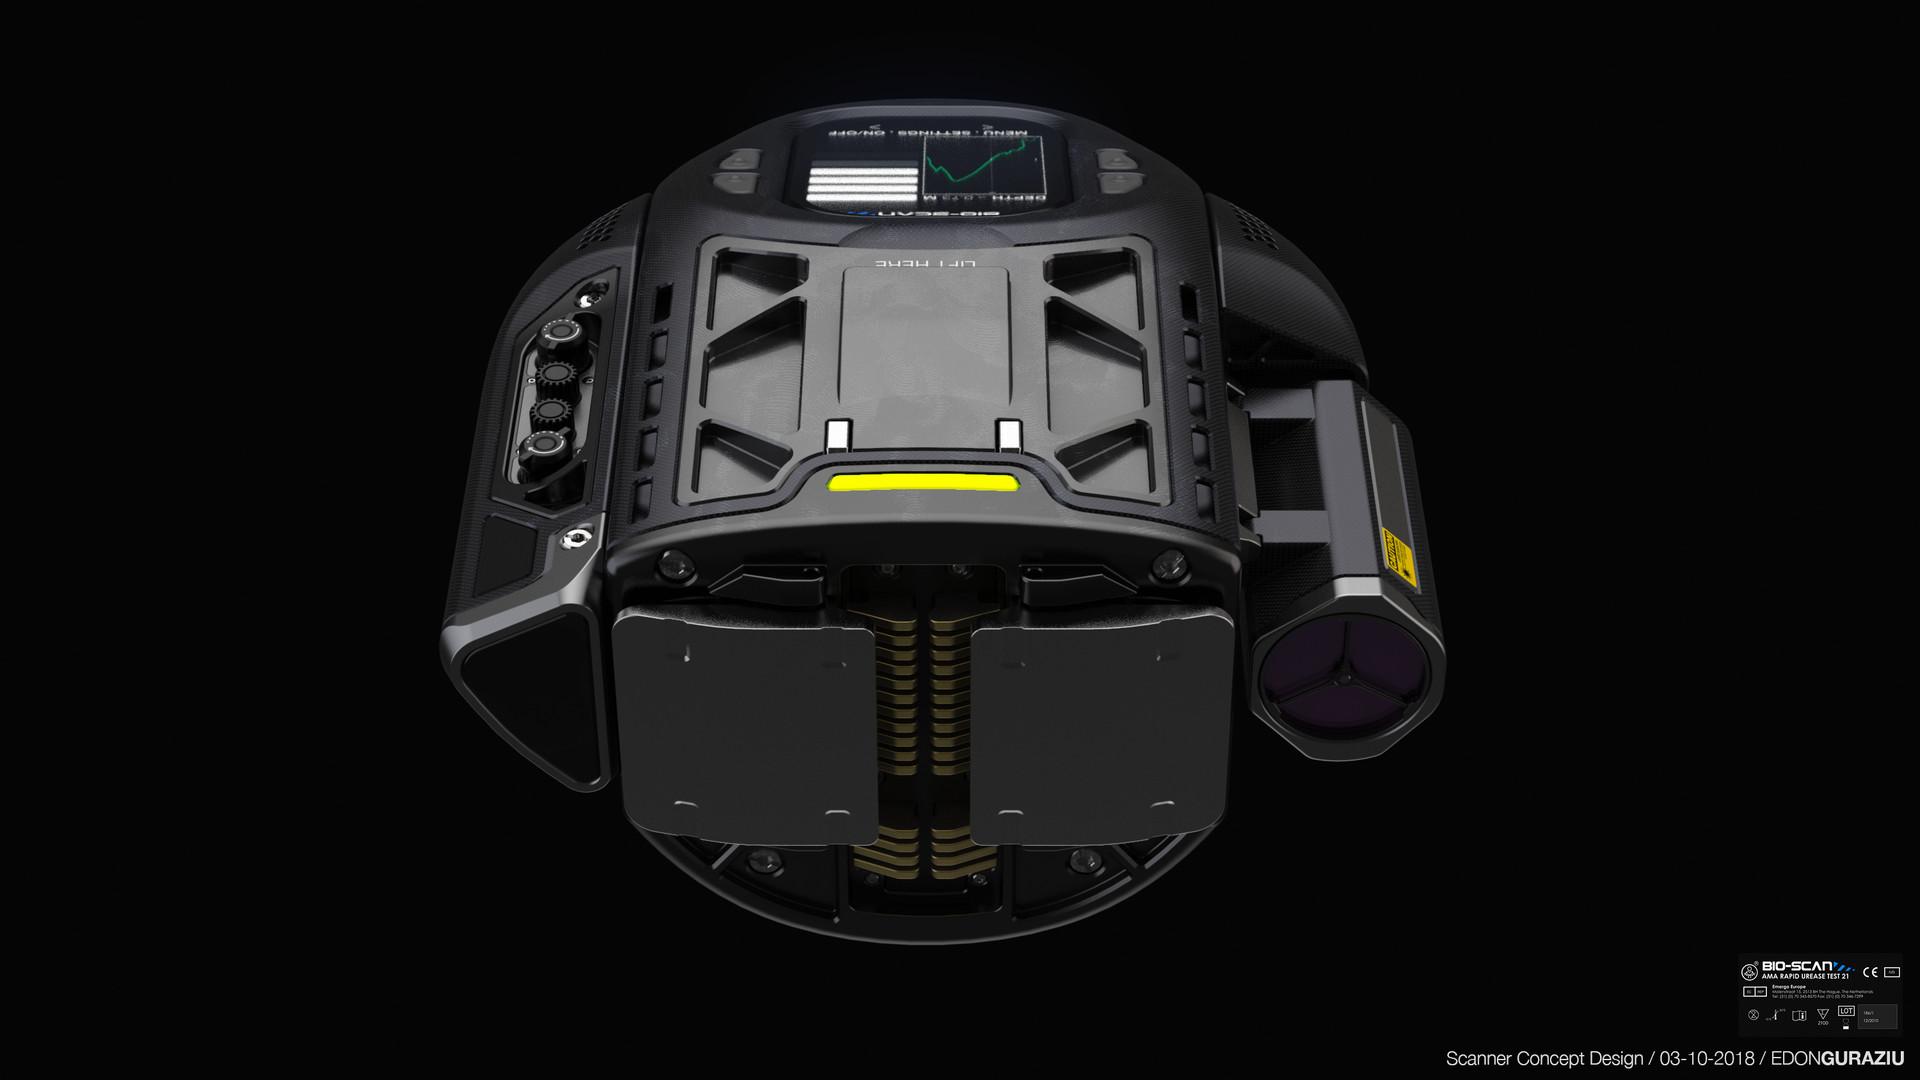 Edon guraziu scannerdesign 002